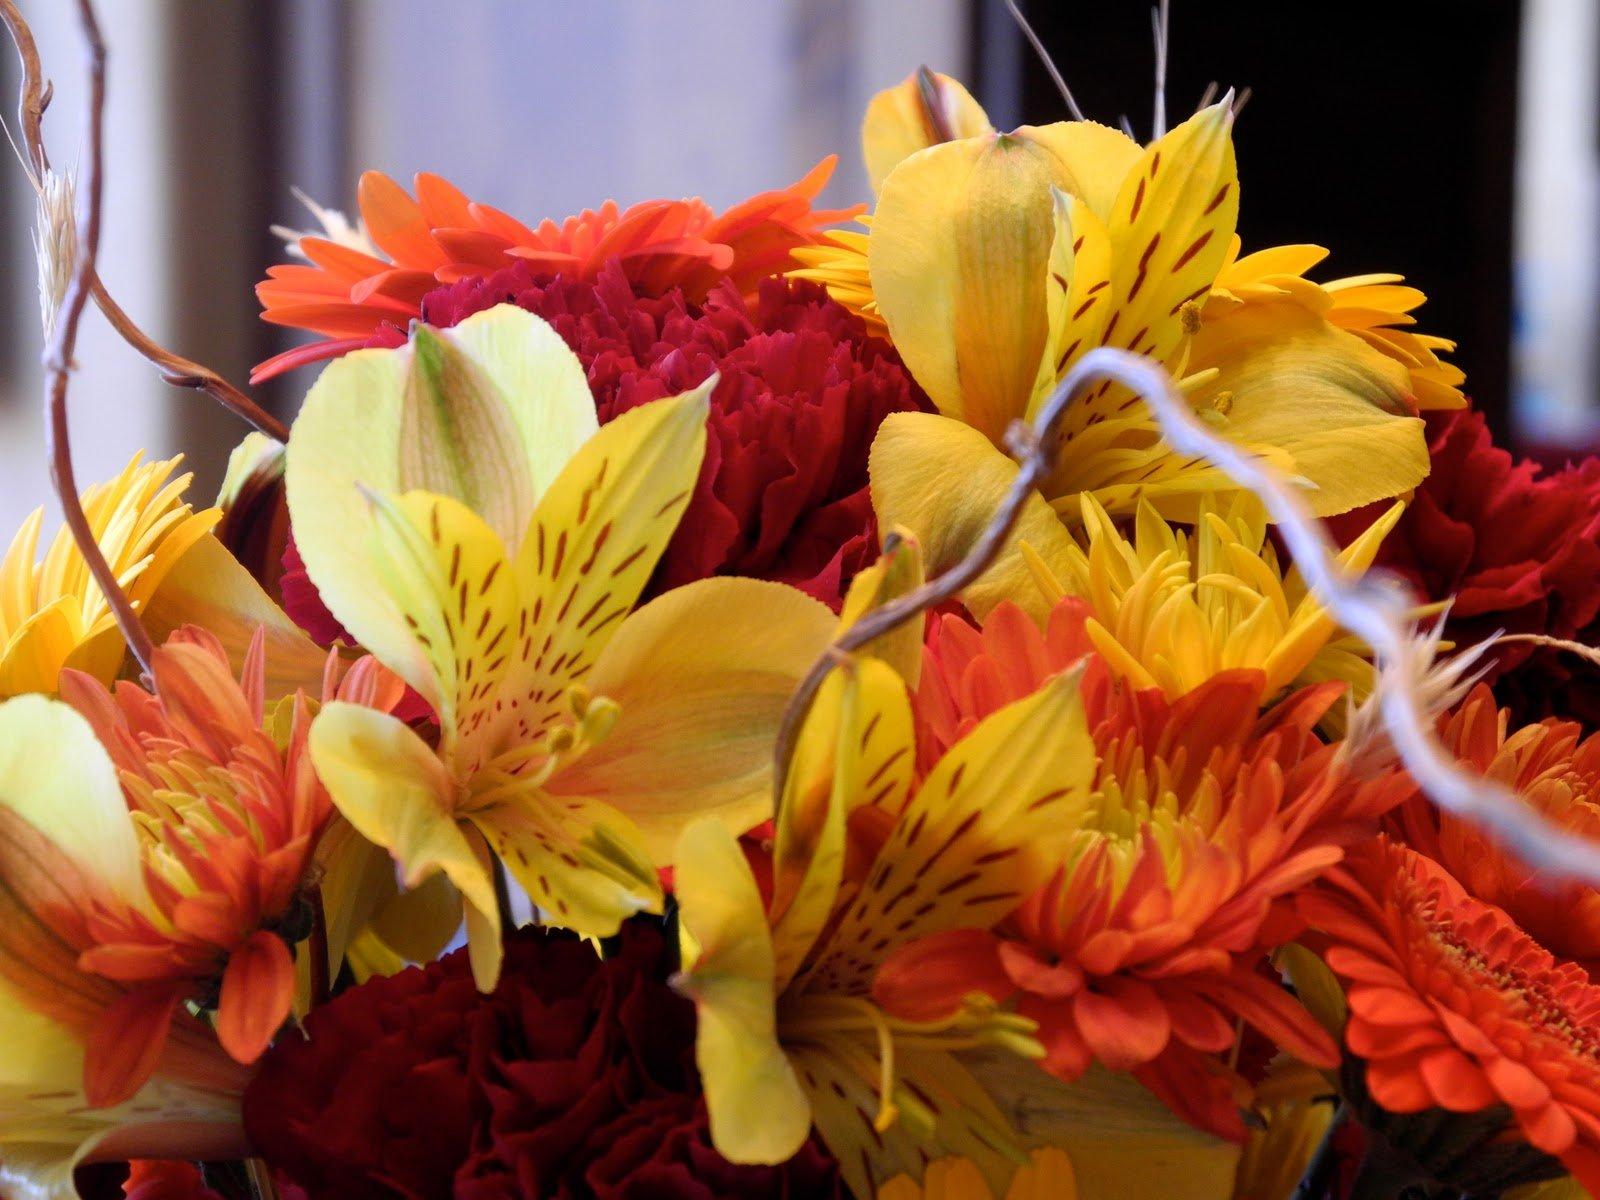 The Flower Girl Blog fall flowers and a pumpkin 1600x1200